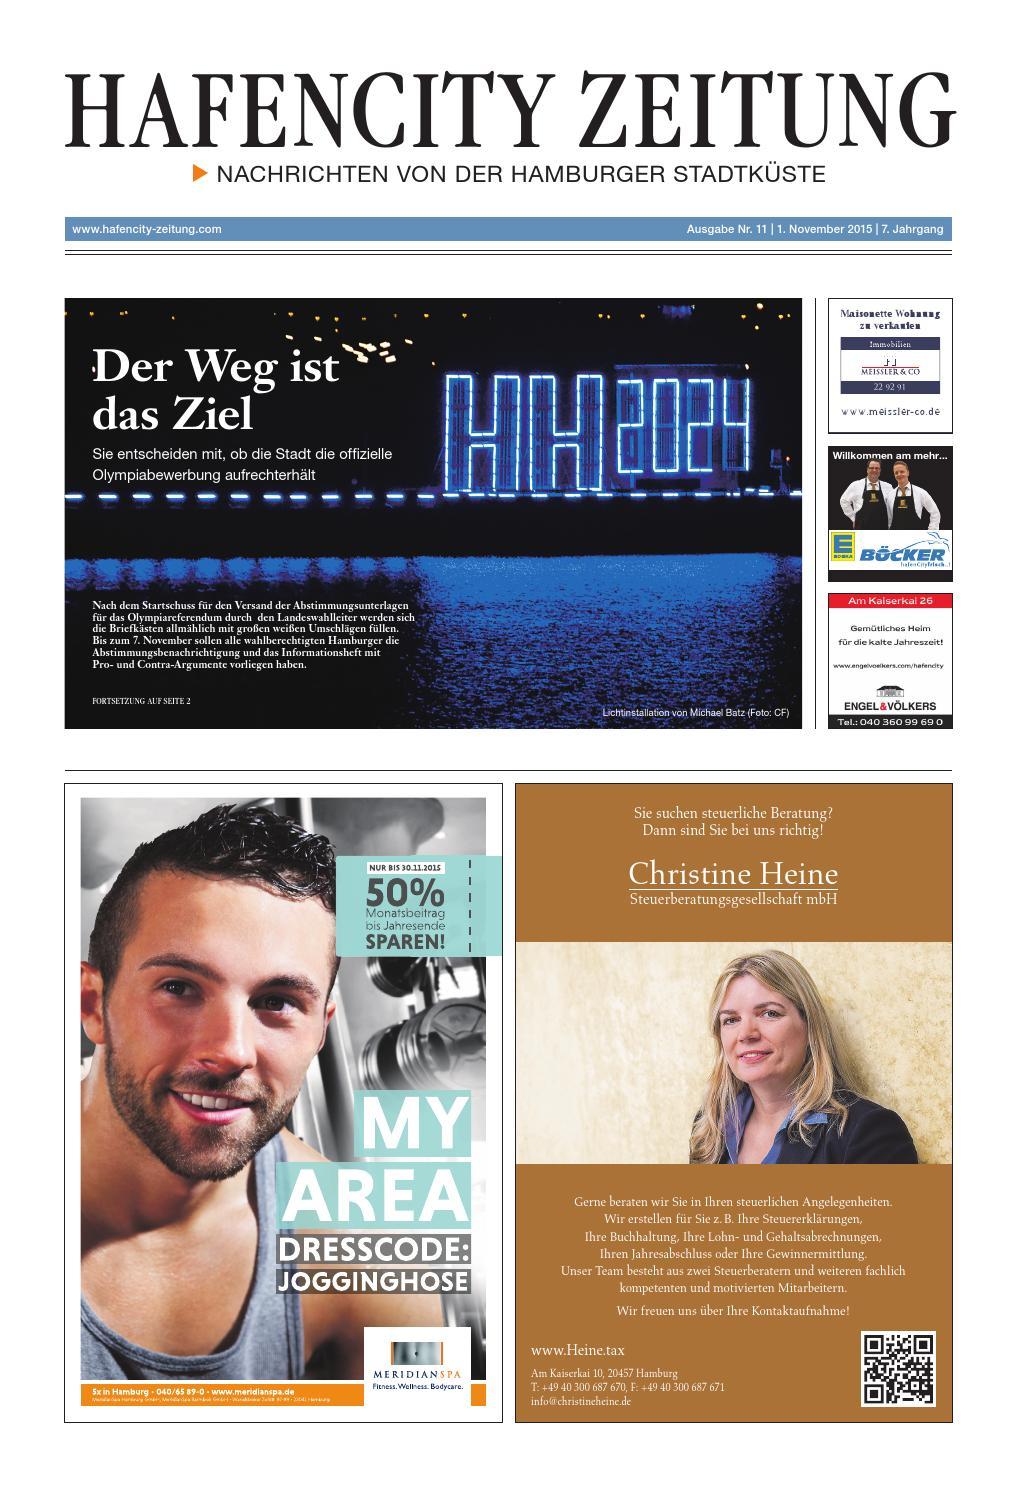 Hafencity Zeitung November 2015 by Michael Klessmann - issuu